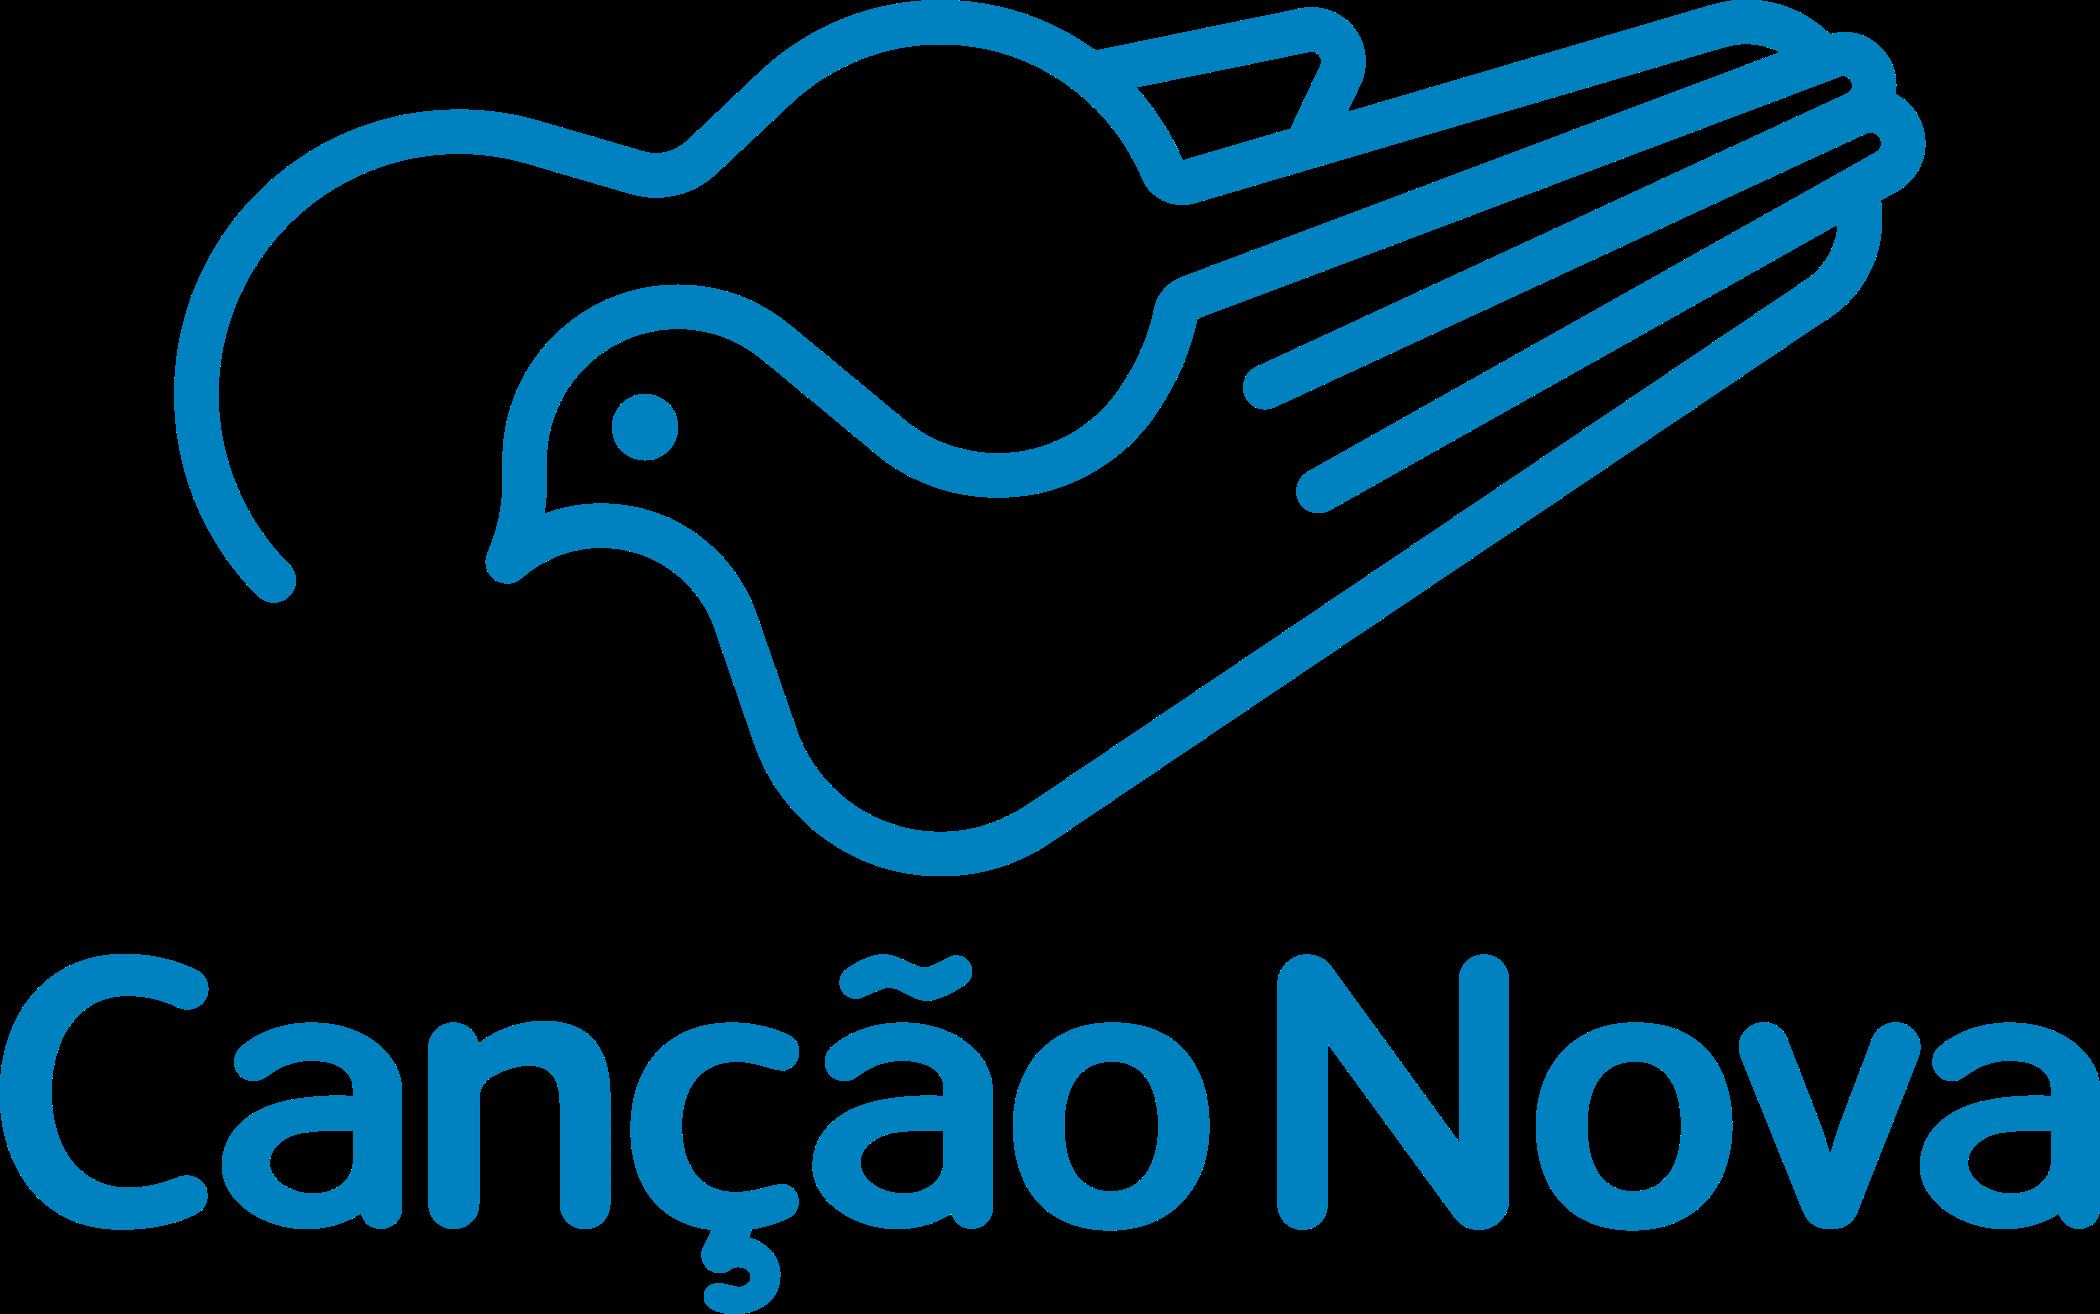 cancao nova logo 2 - Canção Nova Logo